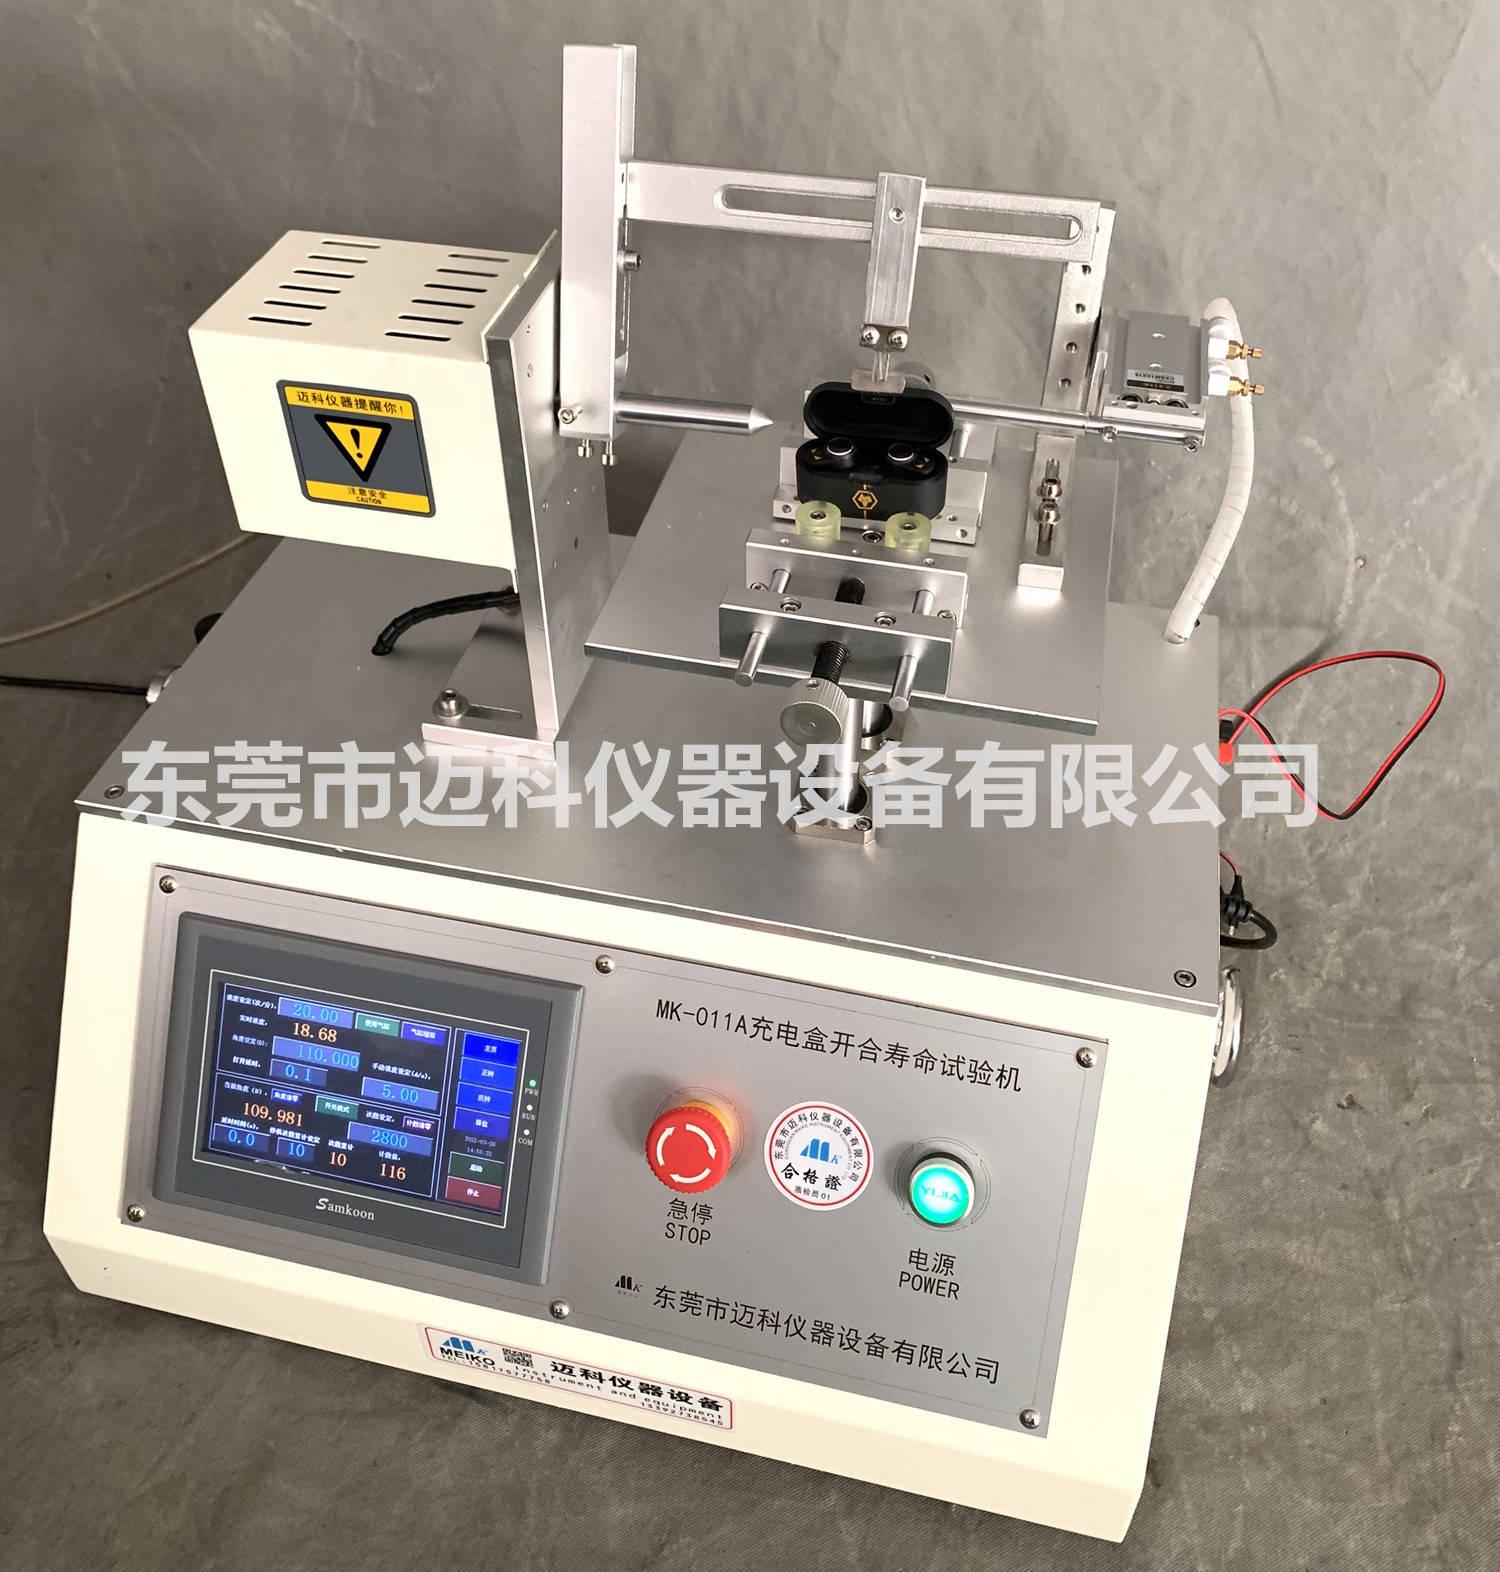 助听器收纳盒翻盖寿命试验仪